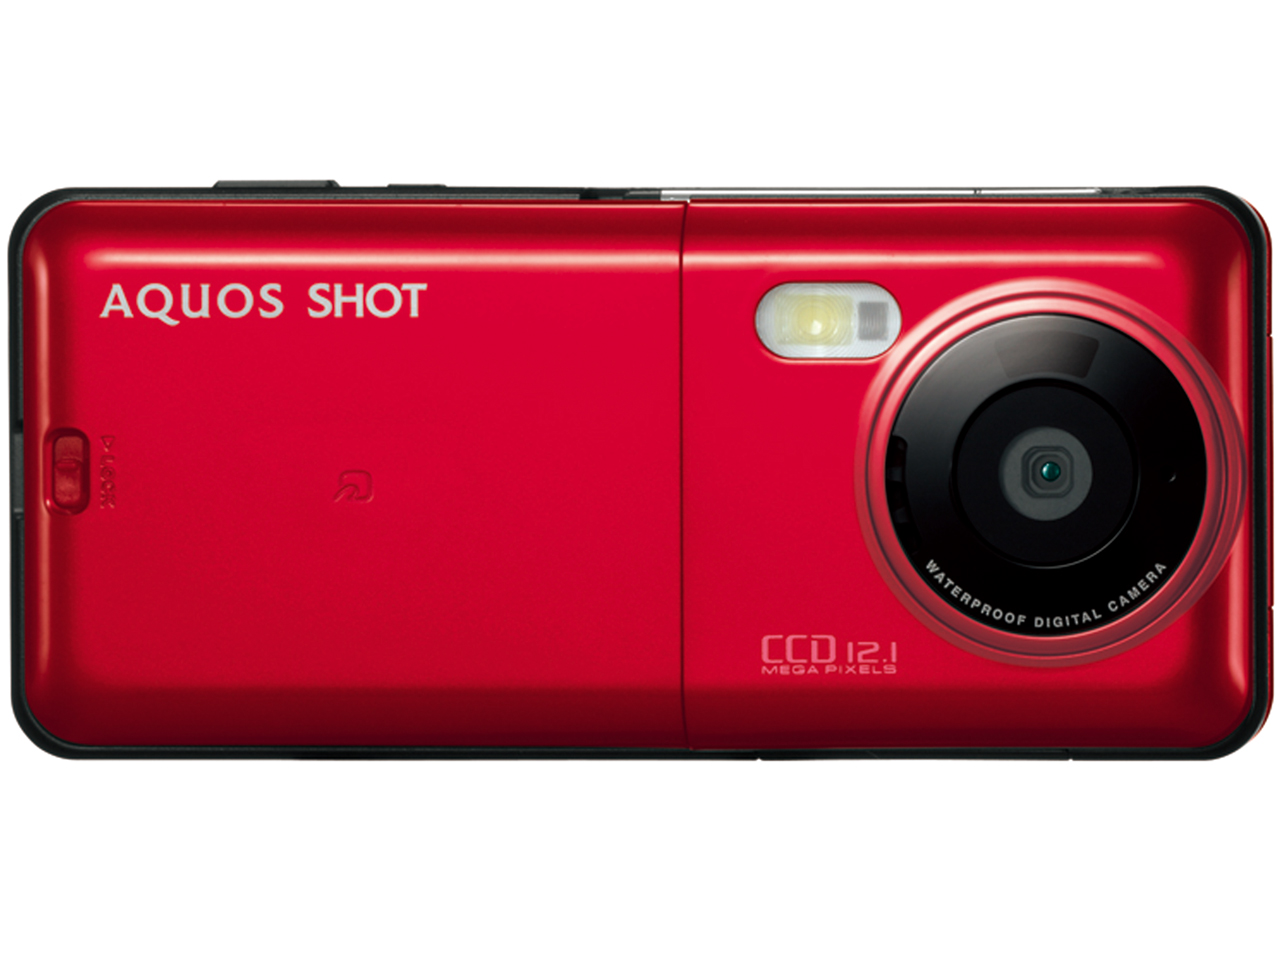 『本体 閉じ 背面1 クリムゾンレッド』 AQUOS SHOT SH008 の製品画像